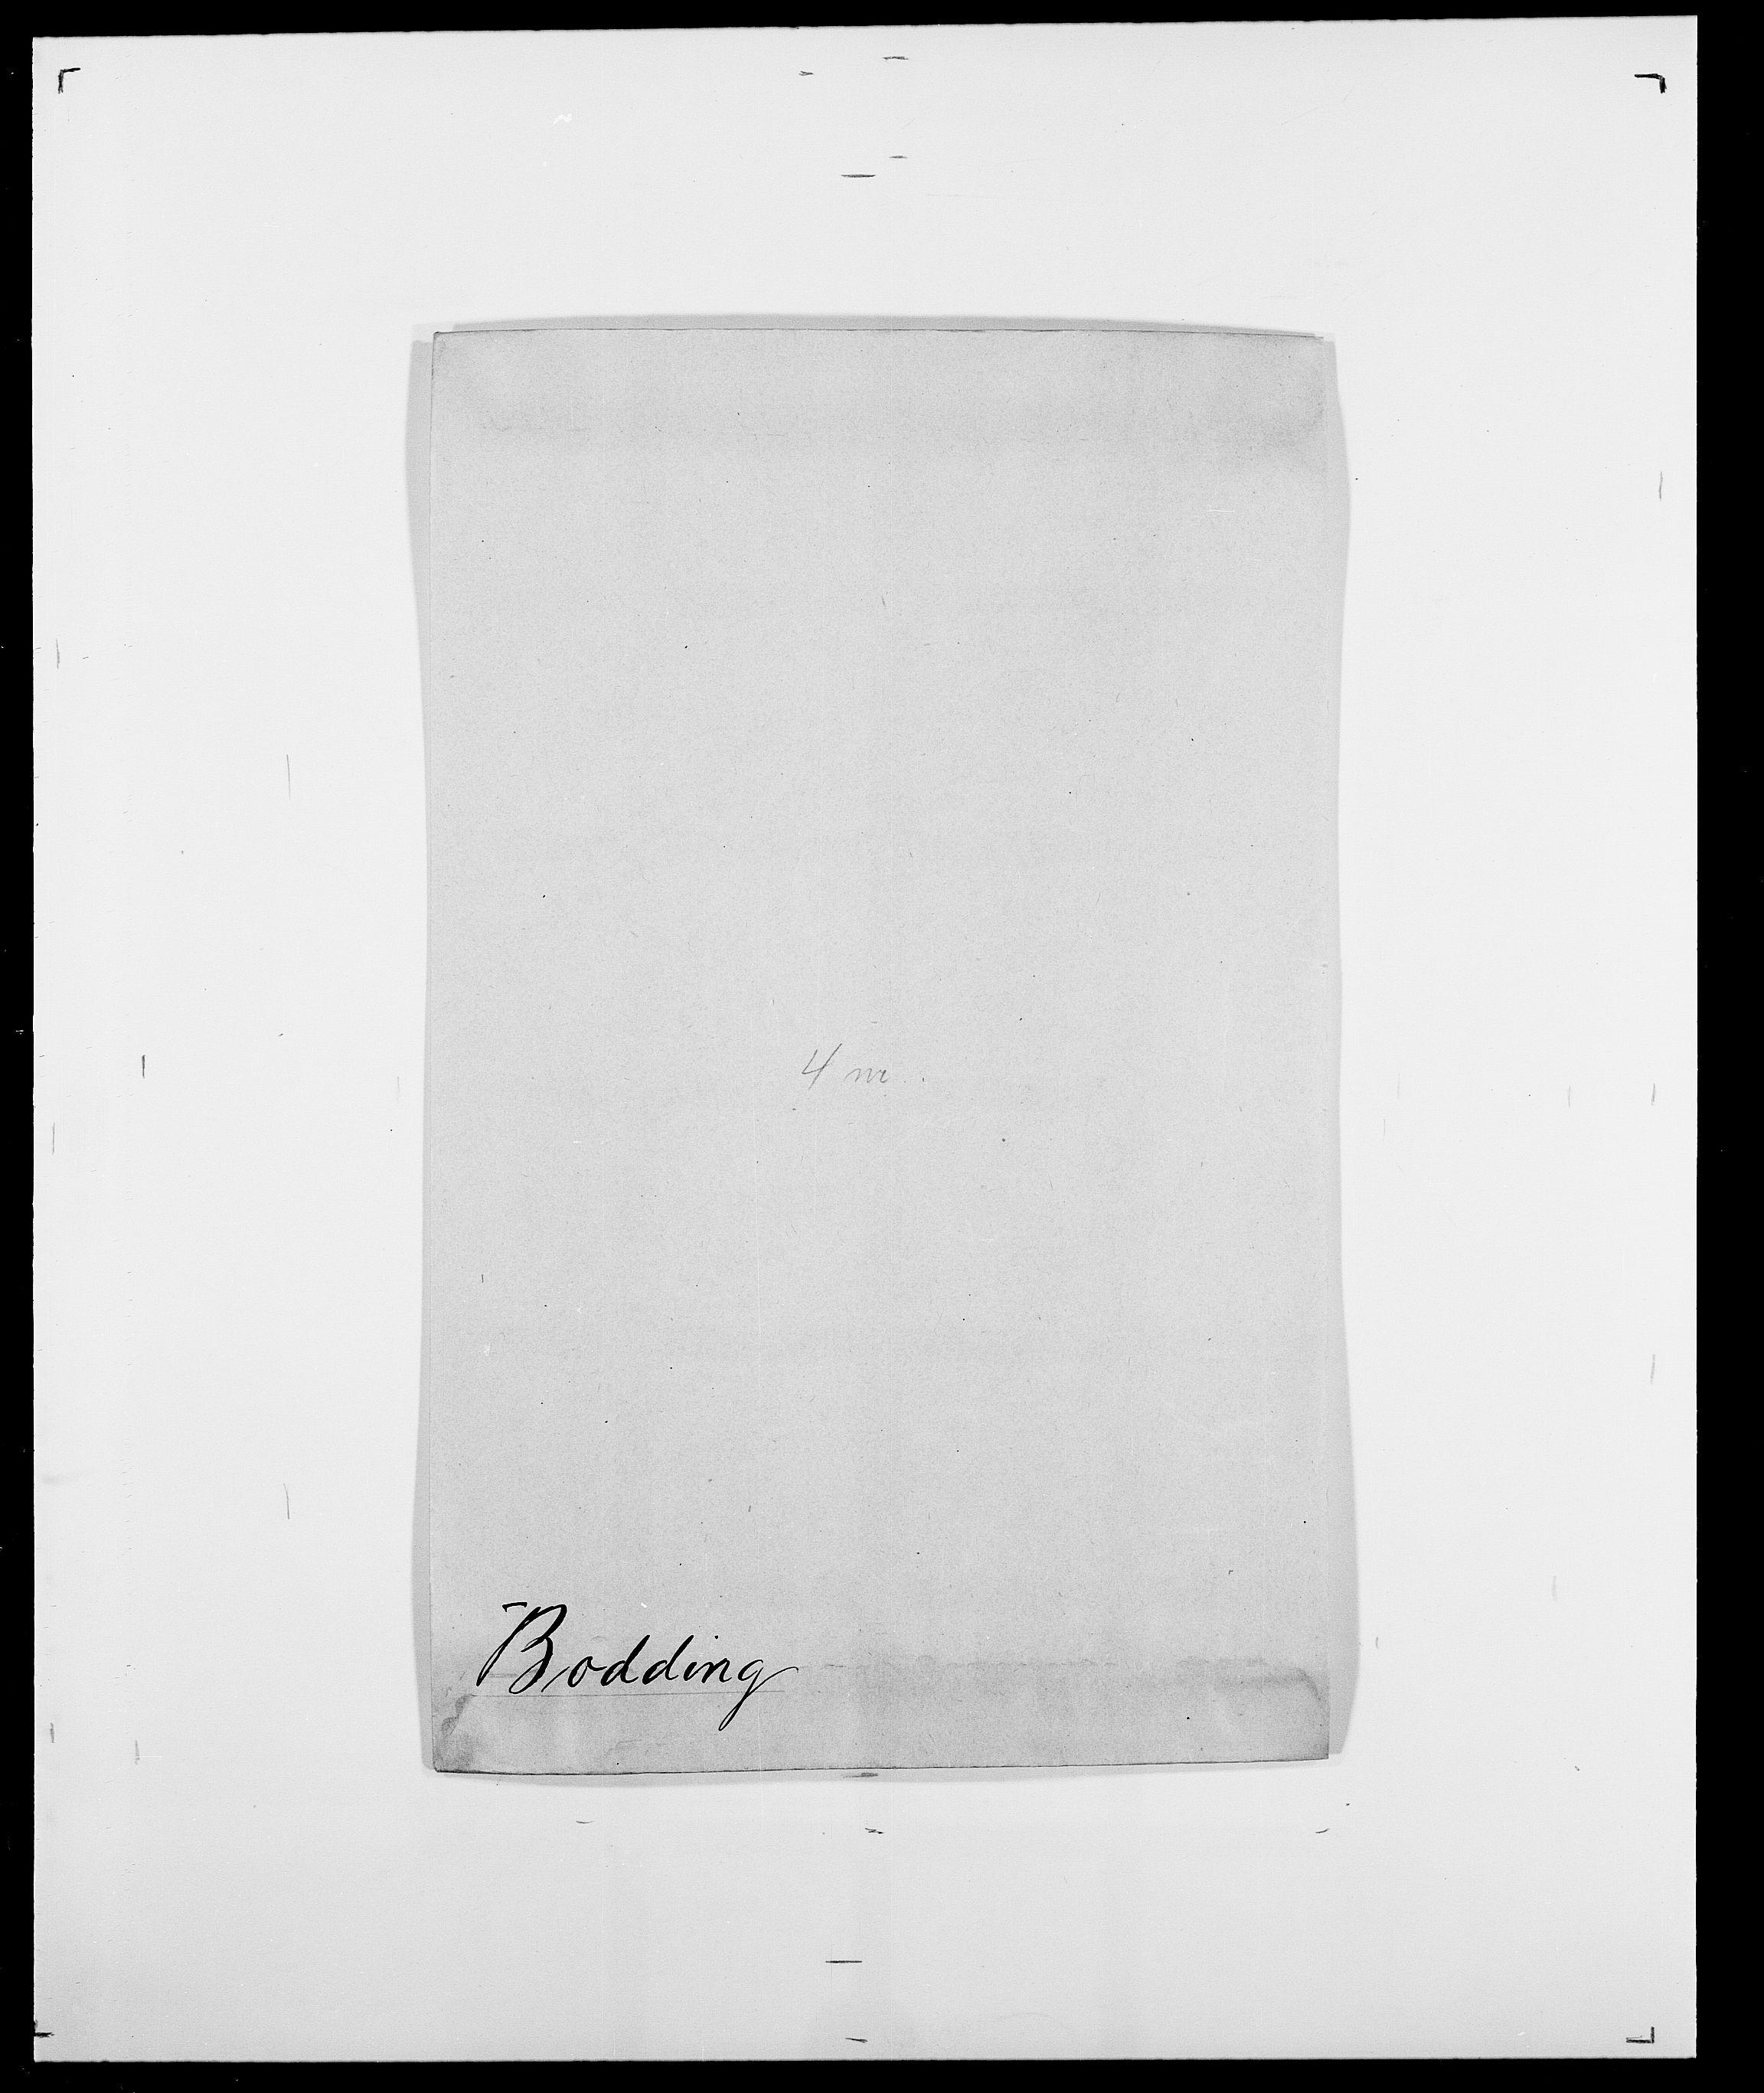 SAO, Delgobe, Charles Antoine - samling, D/Da/L0005: Boalth - Brahm, s. 23